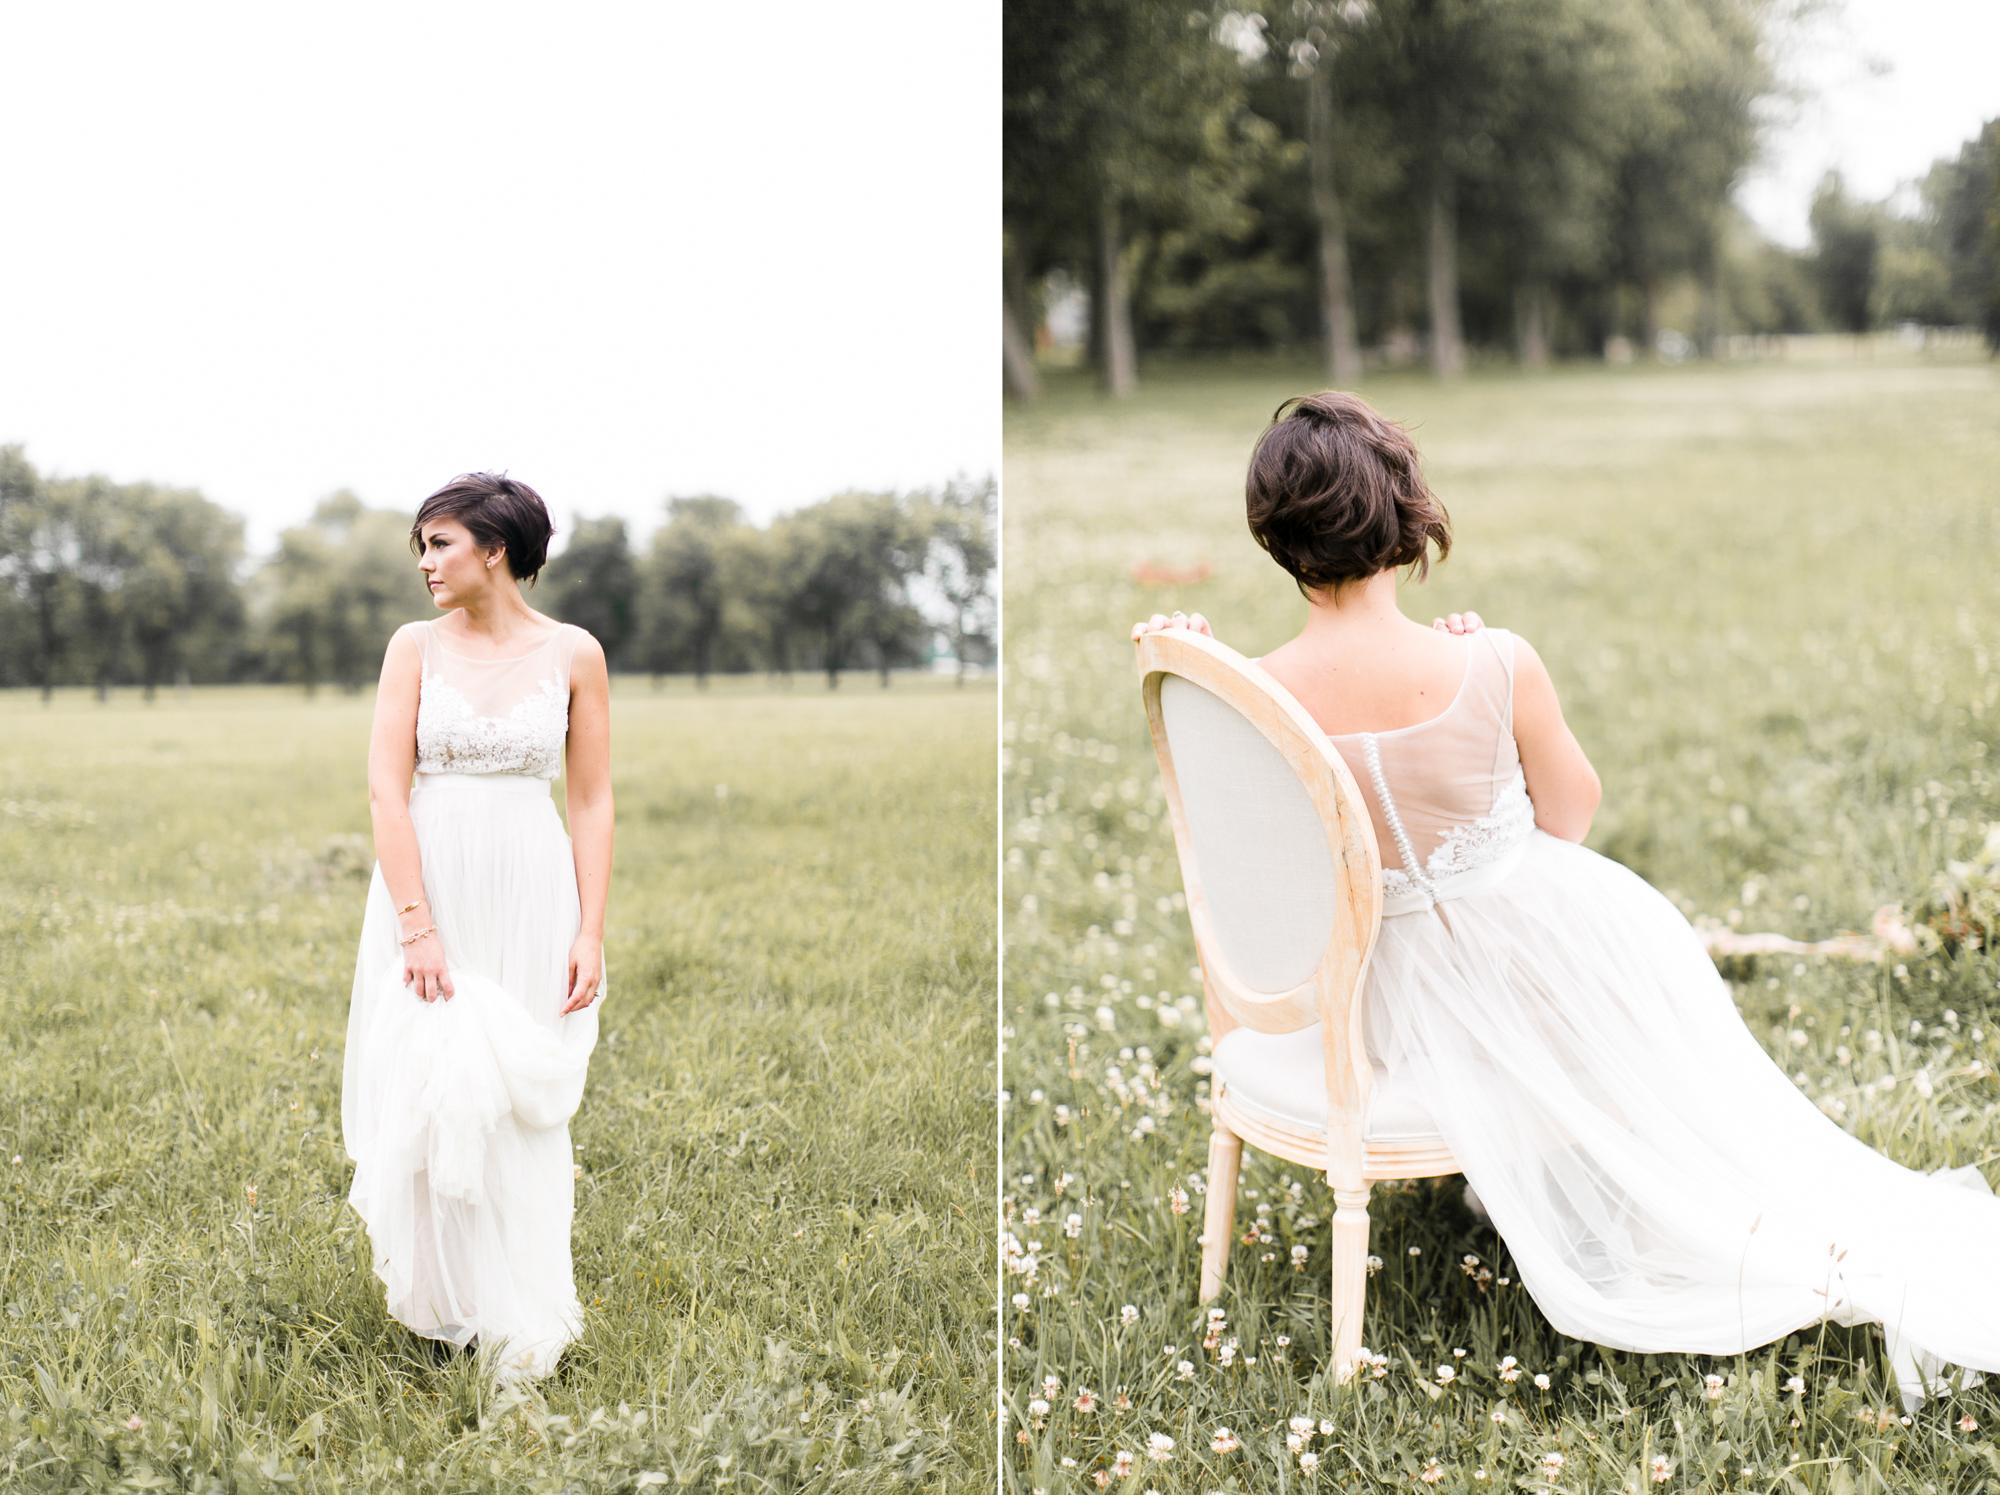 Kalin-Bridal-Shoot-22.jpg